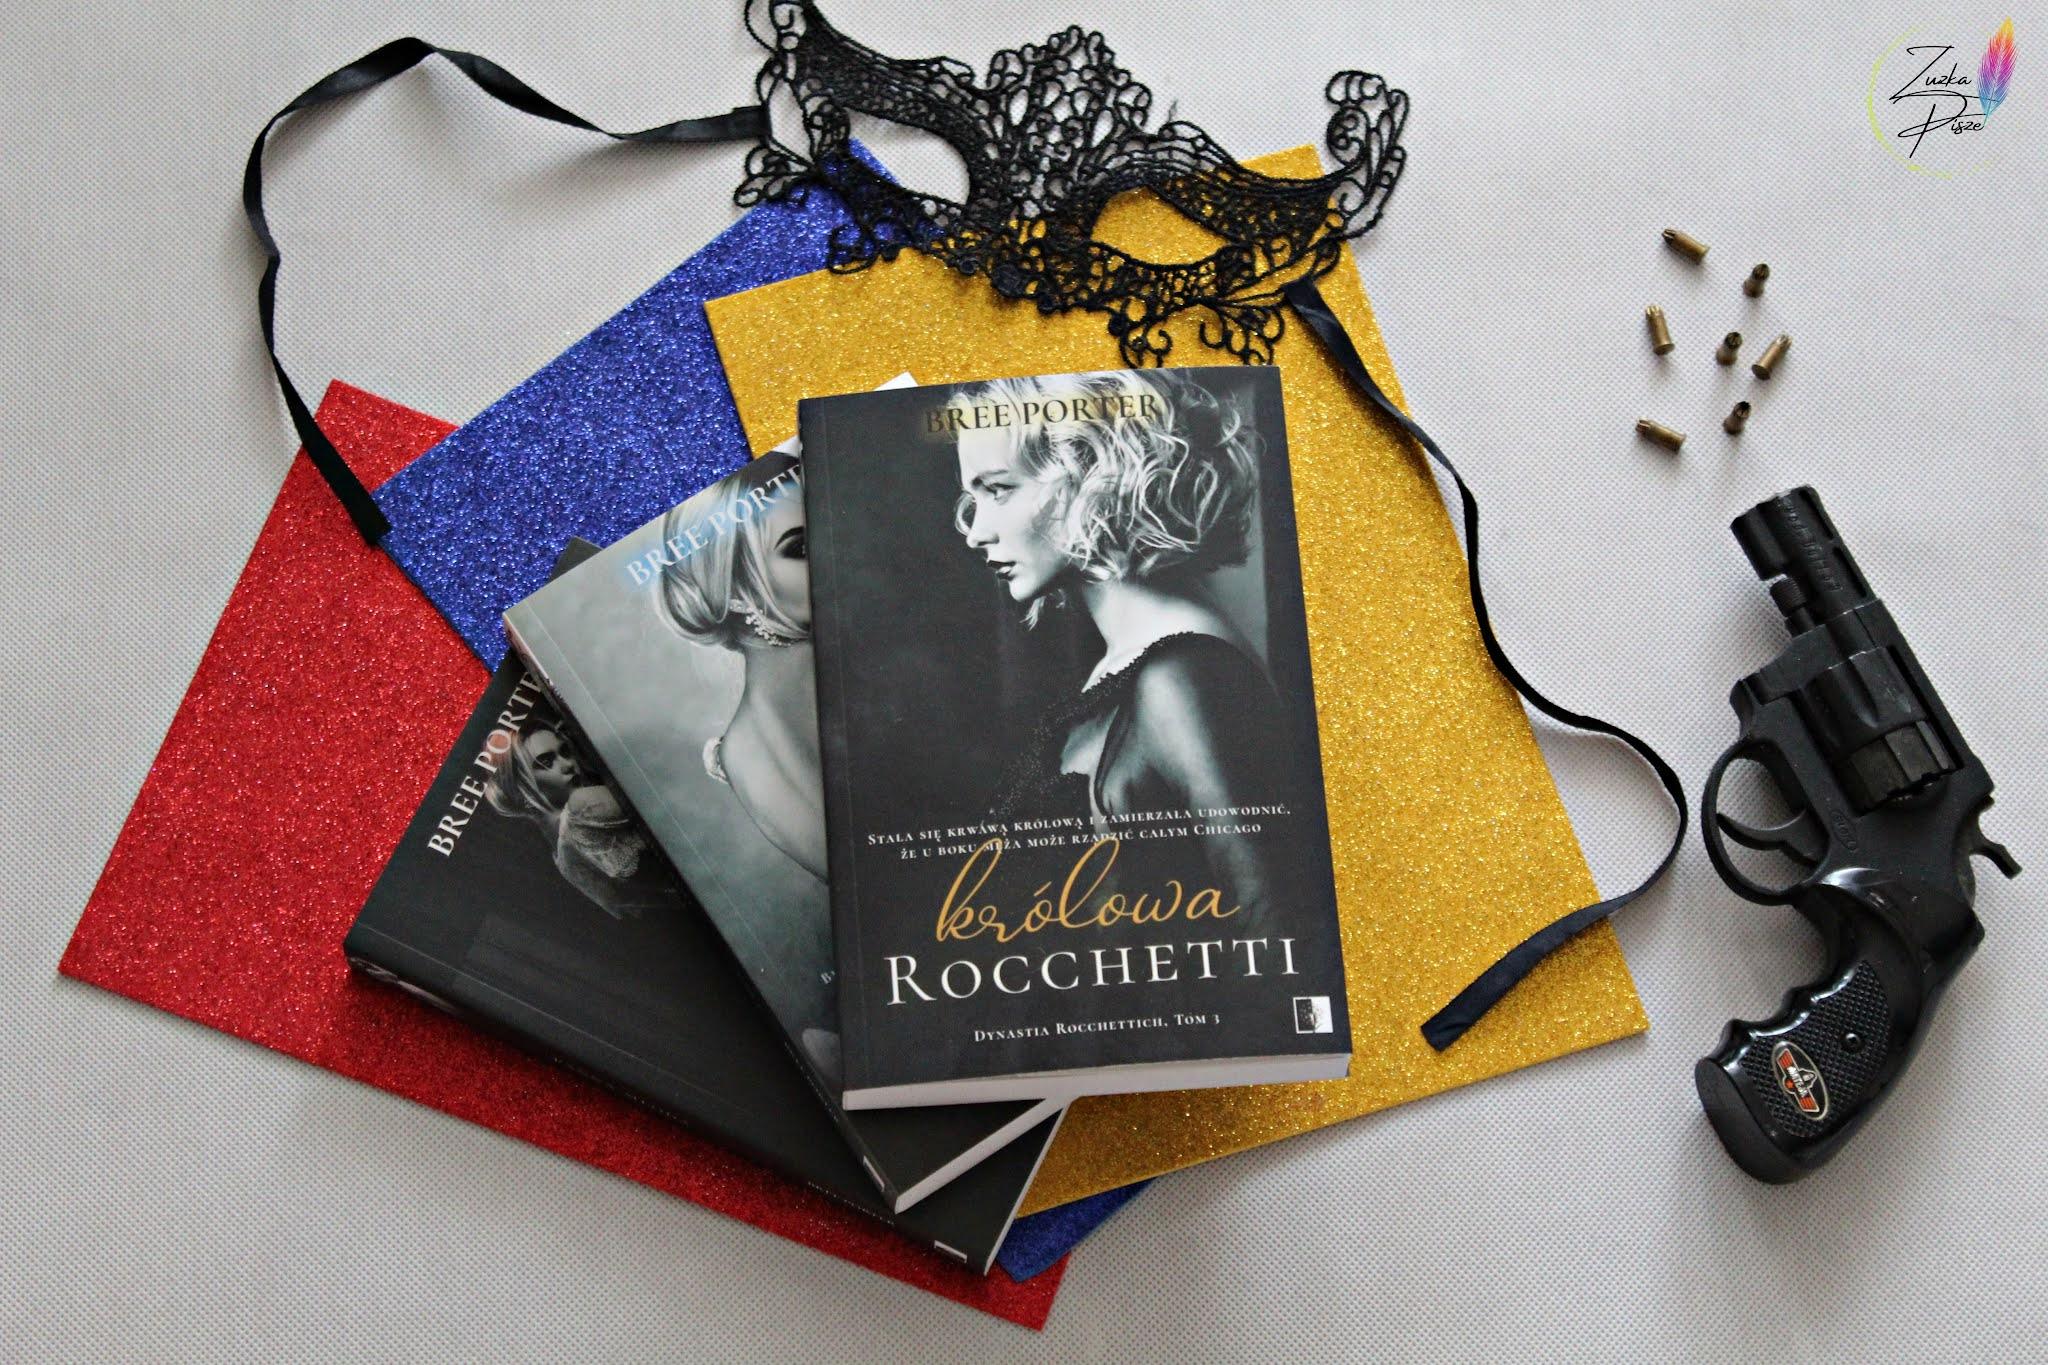 """Bree Porter """"Królowa Rocchetti"""" - patronacka recenzja książki"""